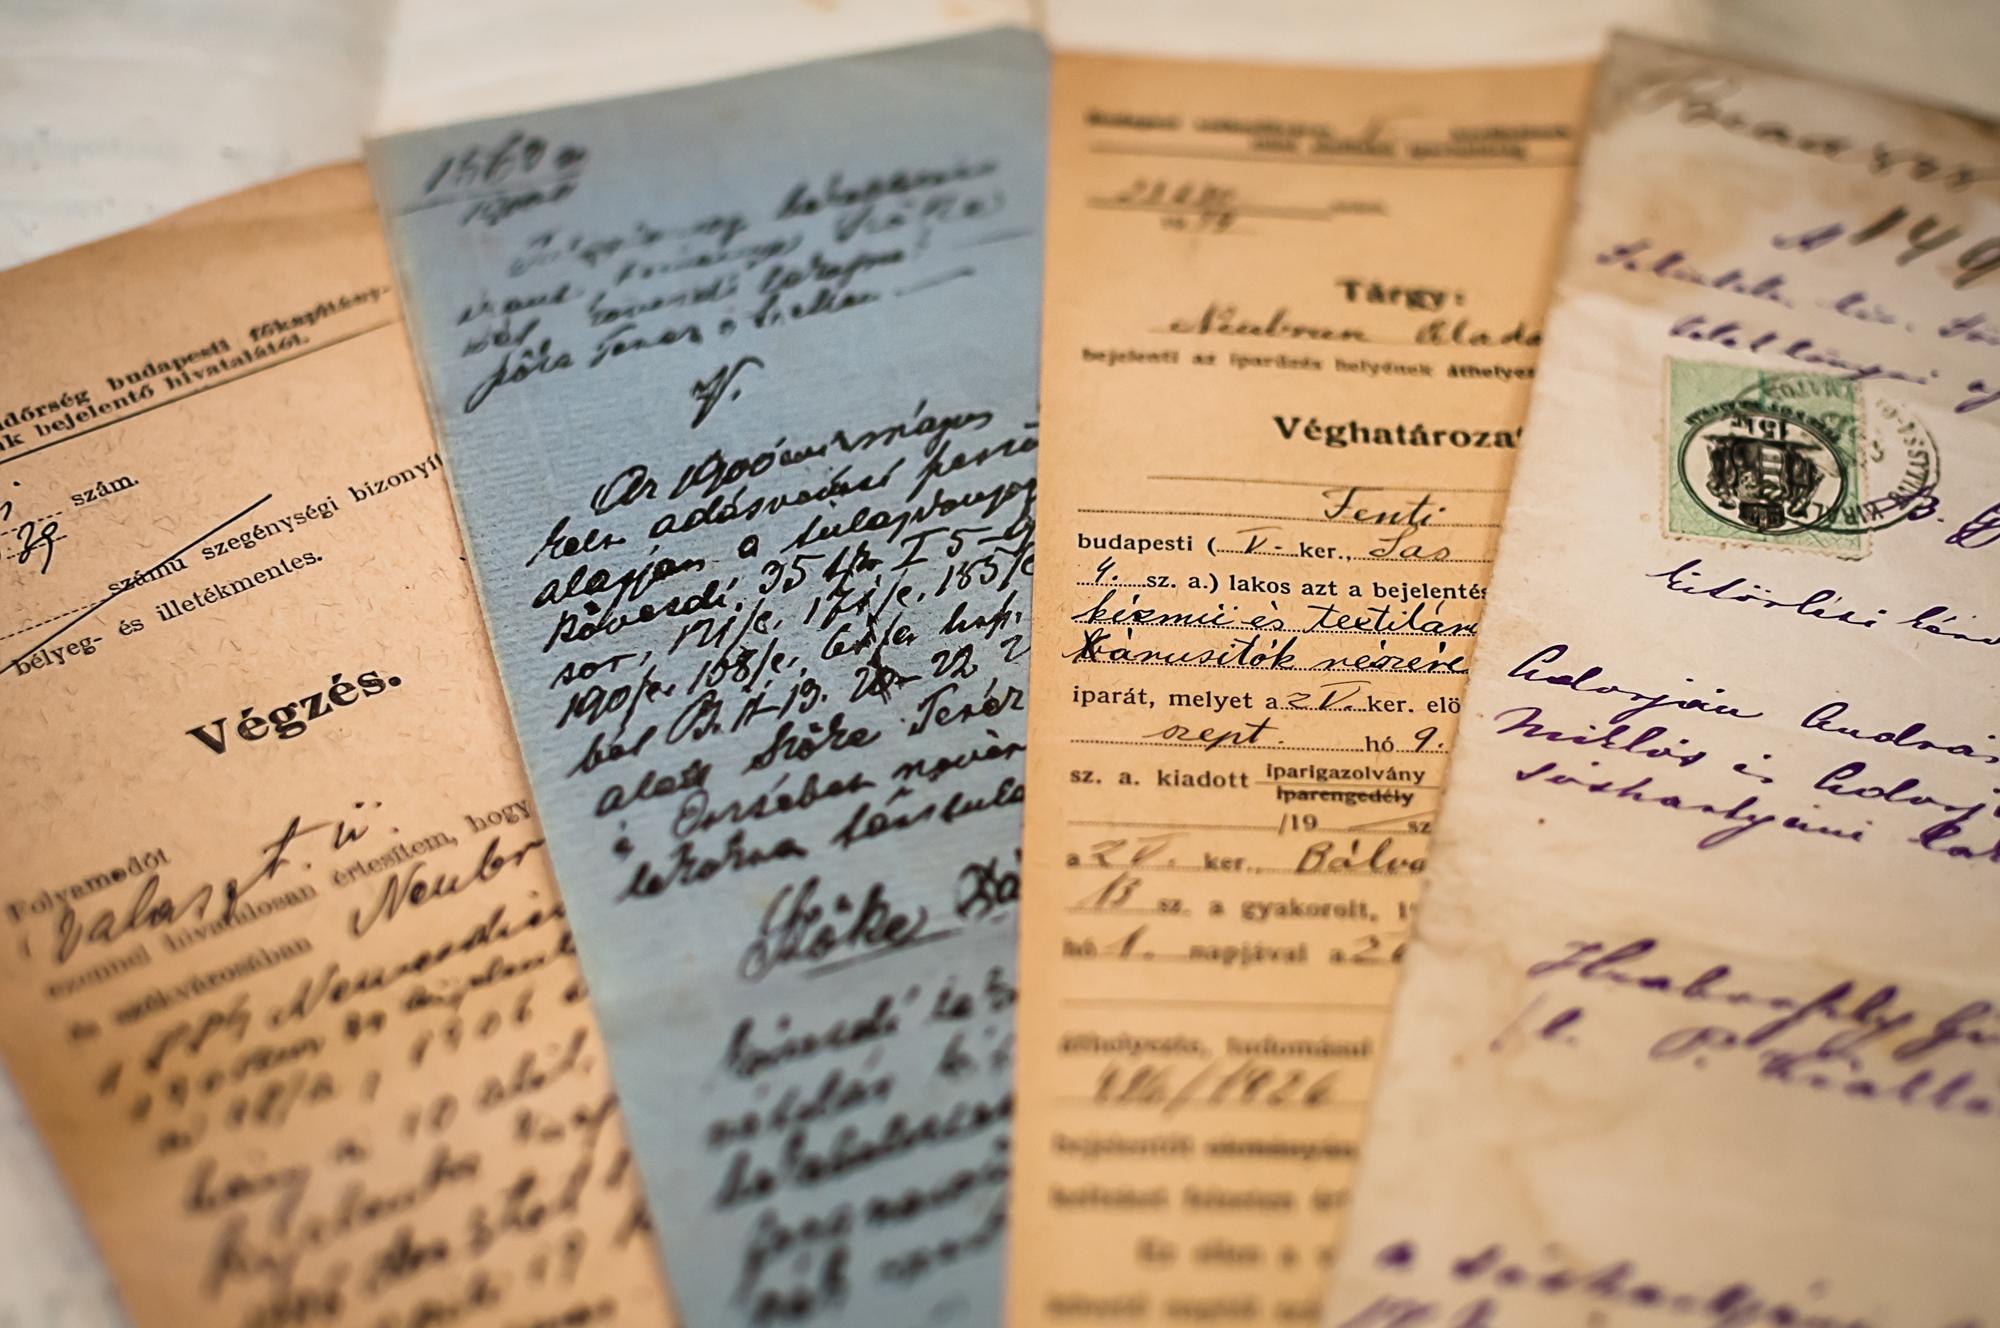 Gazdálkodó szervezetek közötti összetett ügyletek joga